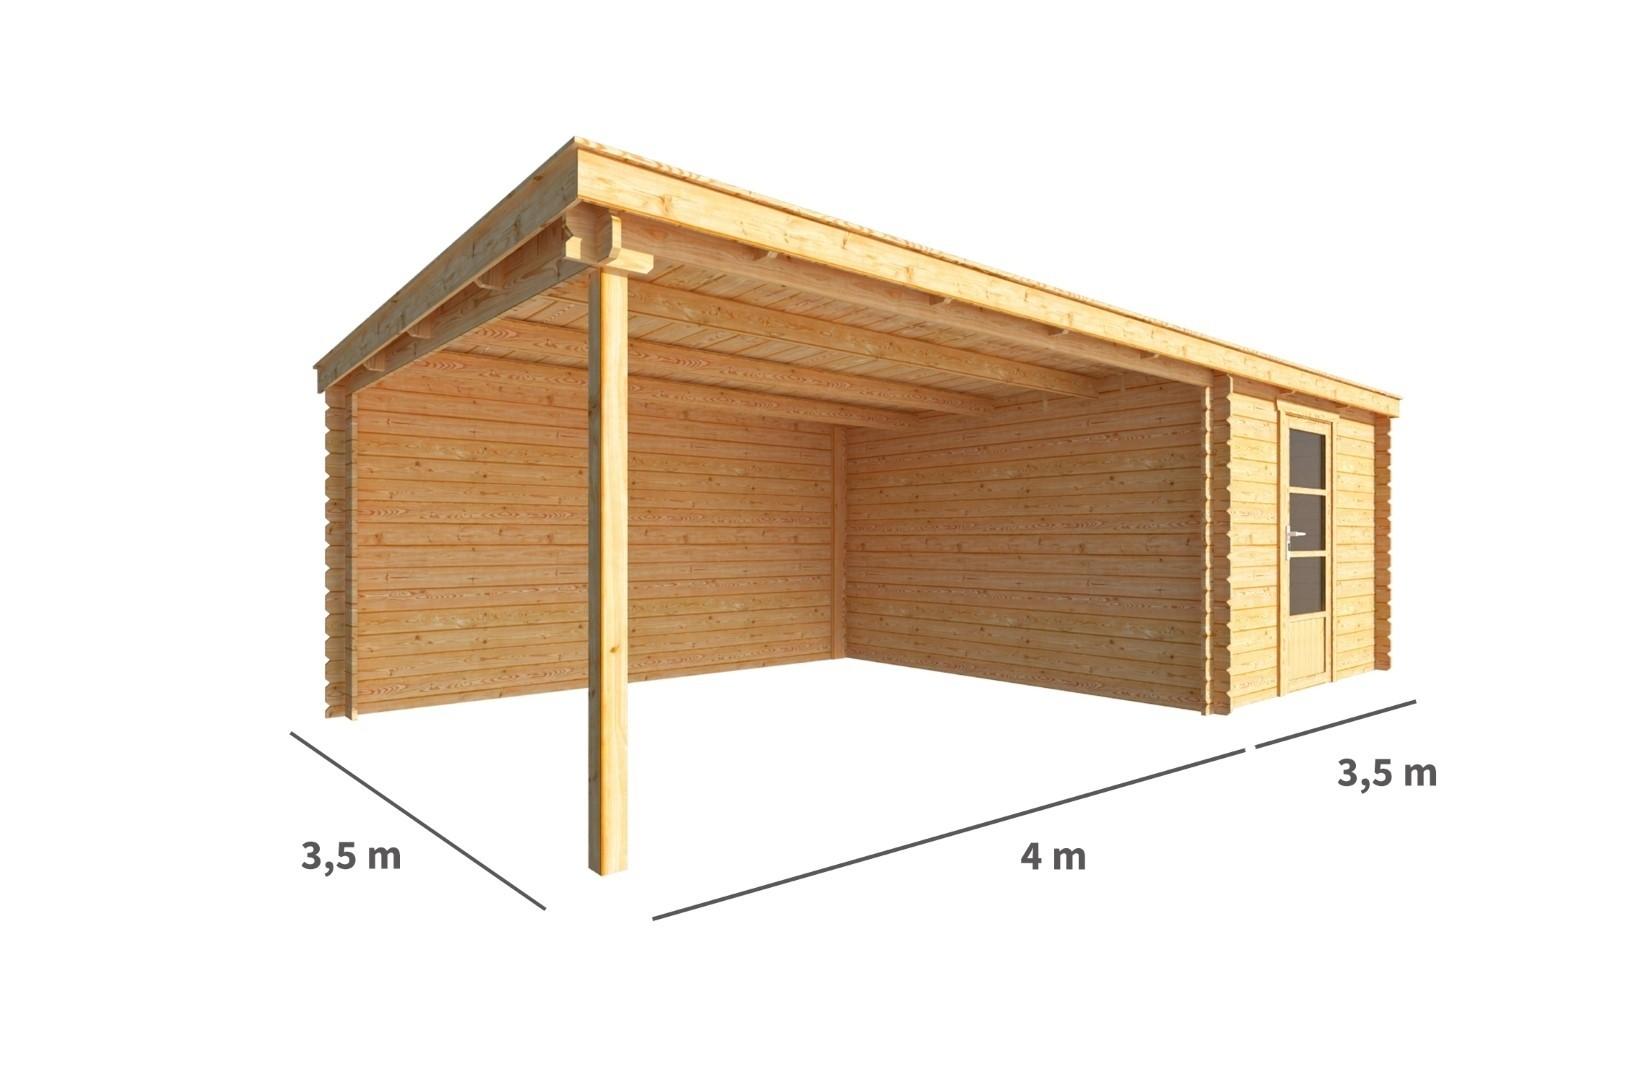 Blokhut met overkapping Els 750 cm bij 350 cm diep Lessenaarsdak